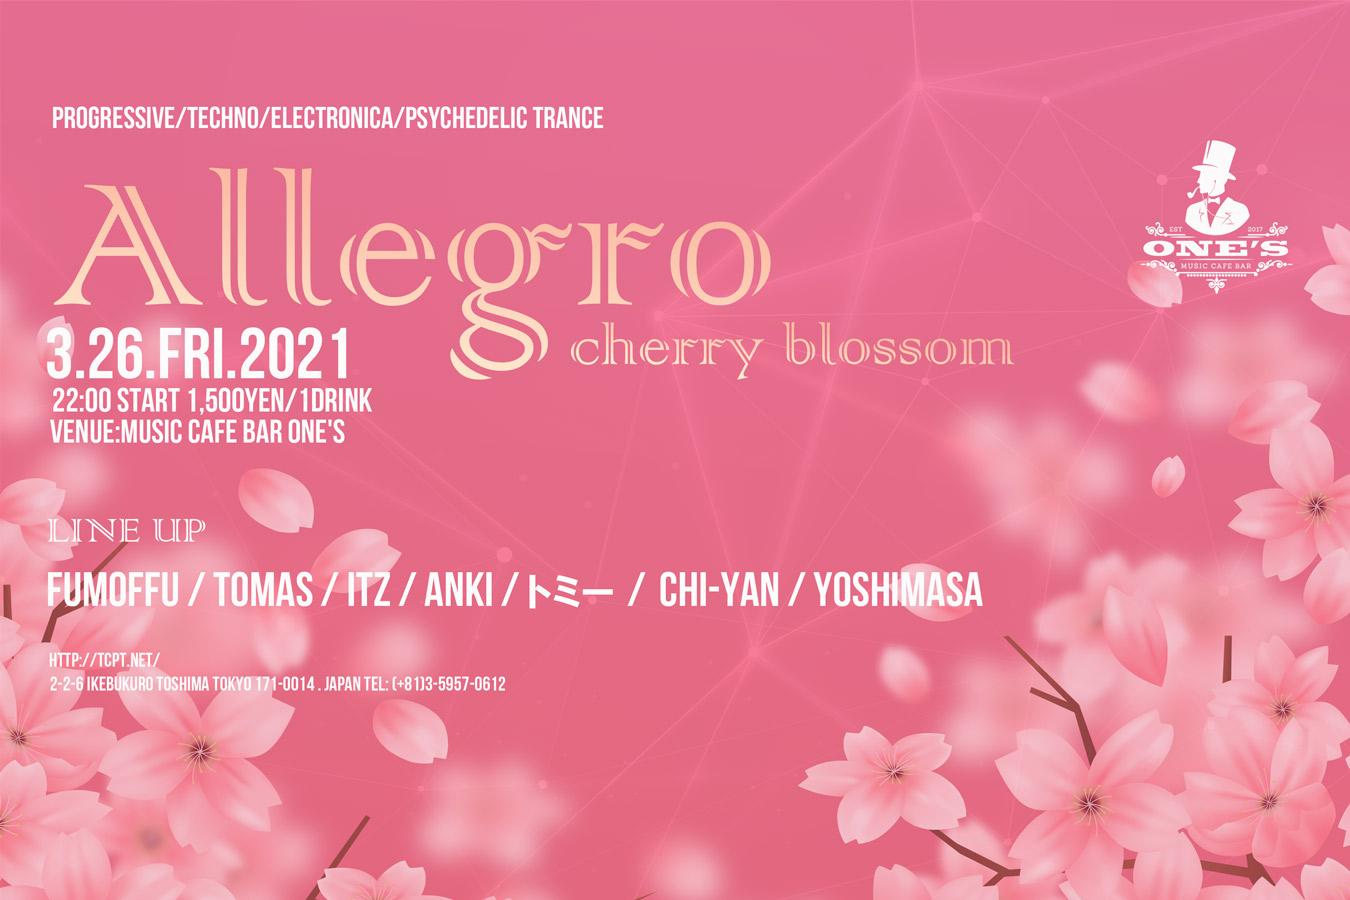 Allegro ones